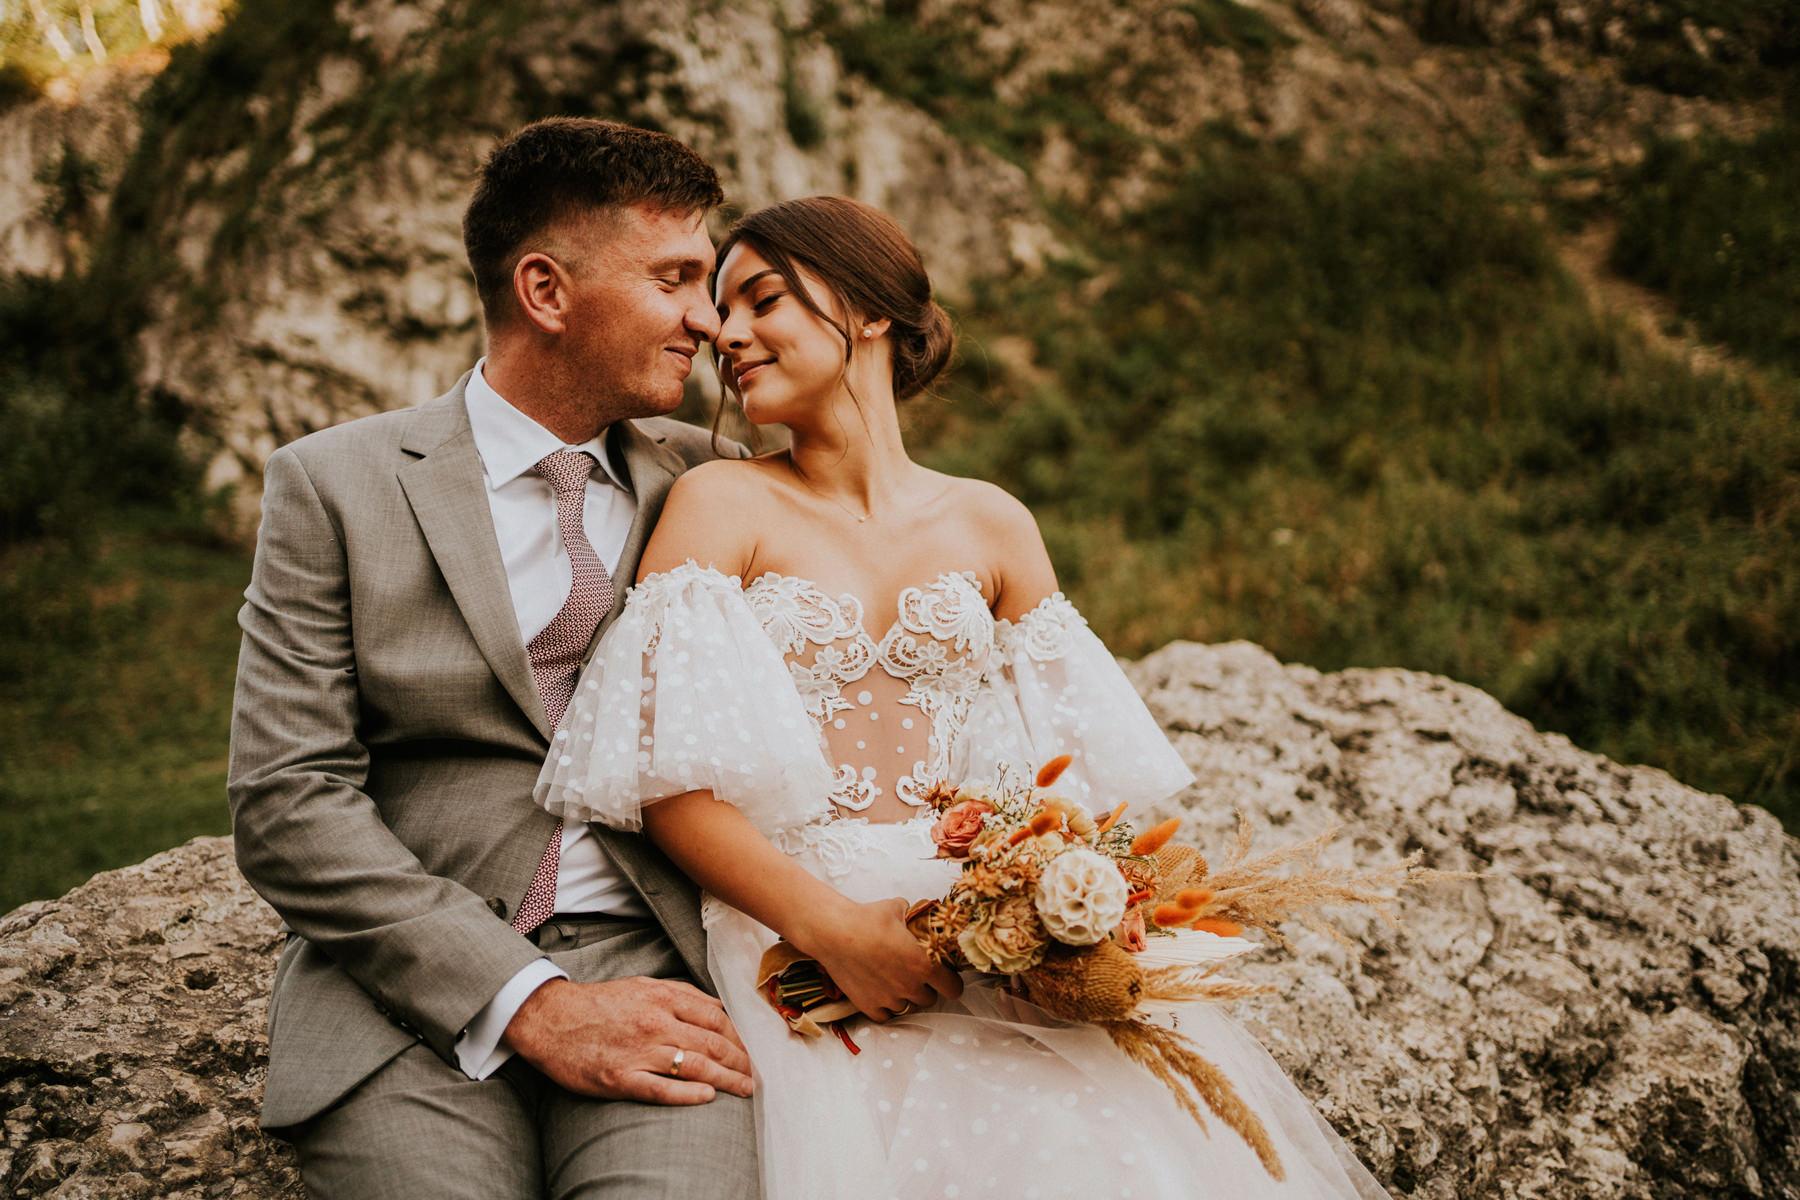 karol nycz fotograf wesele małopolska